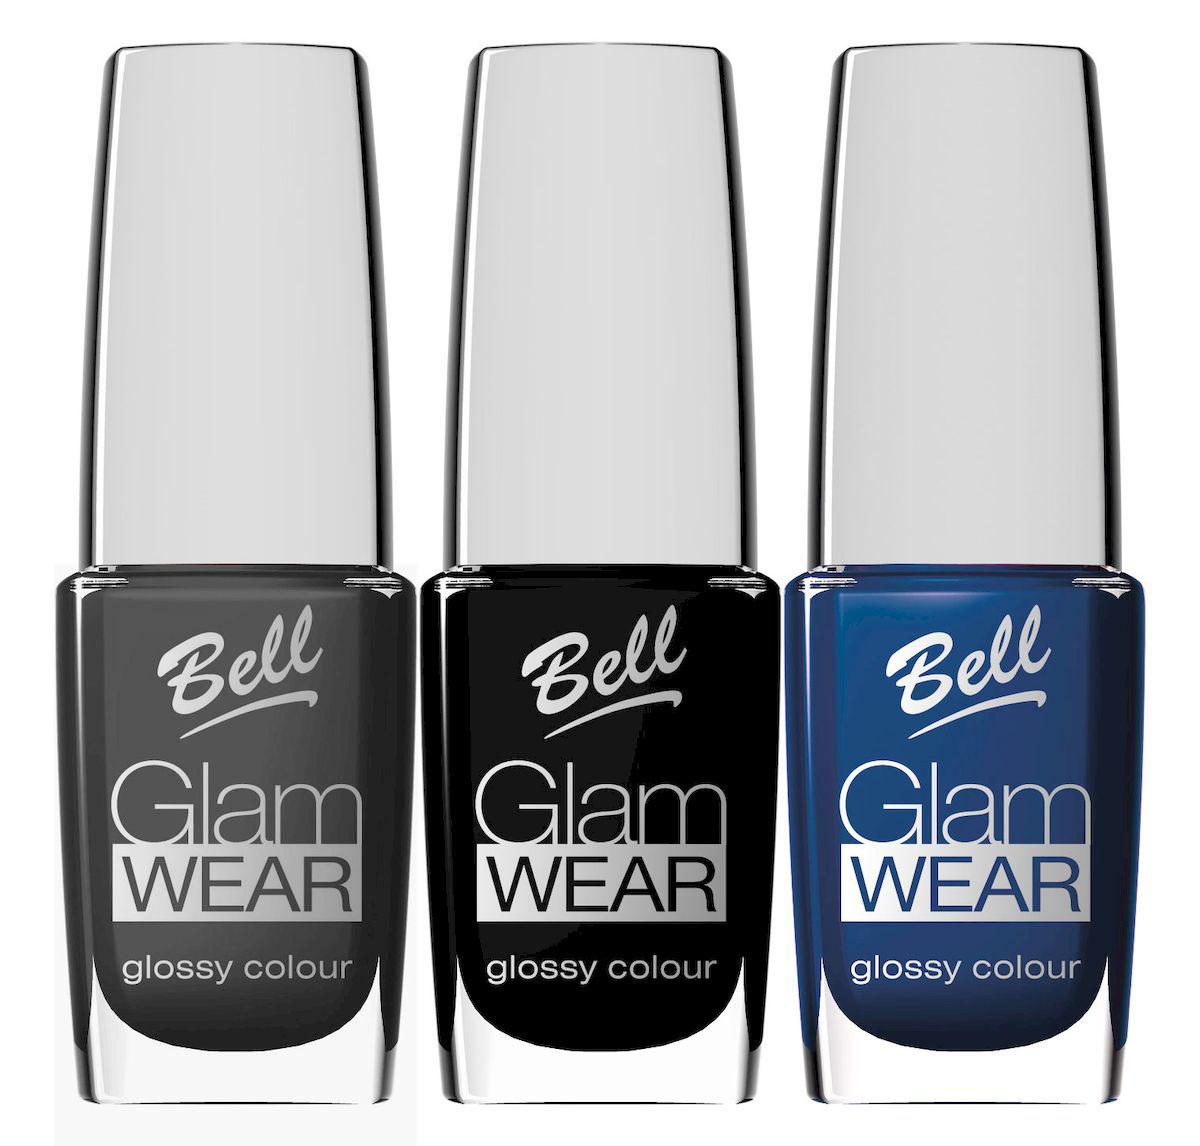 Bell Набор устойчивых лаков для ногтей с глянцевым эффектом Glam Wear Nail: тон №412, тон №503, тон №504, 30 млBsp23Устойчивый лак для ногтей.